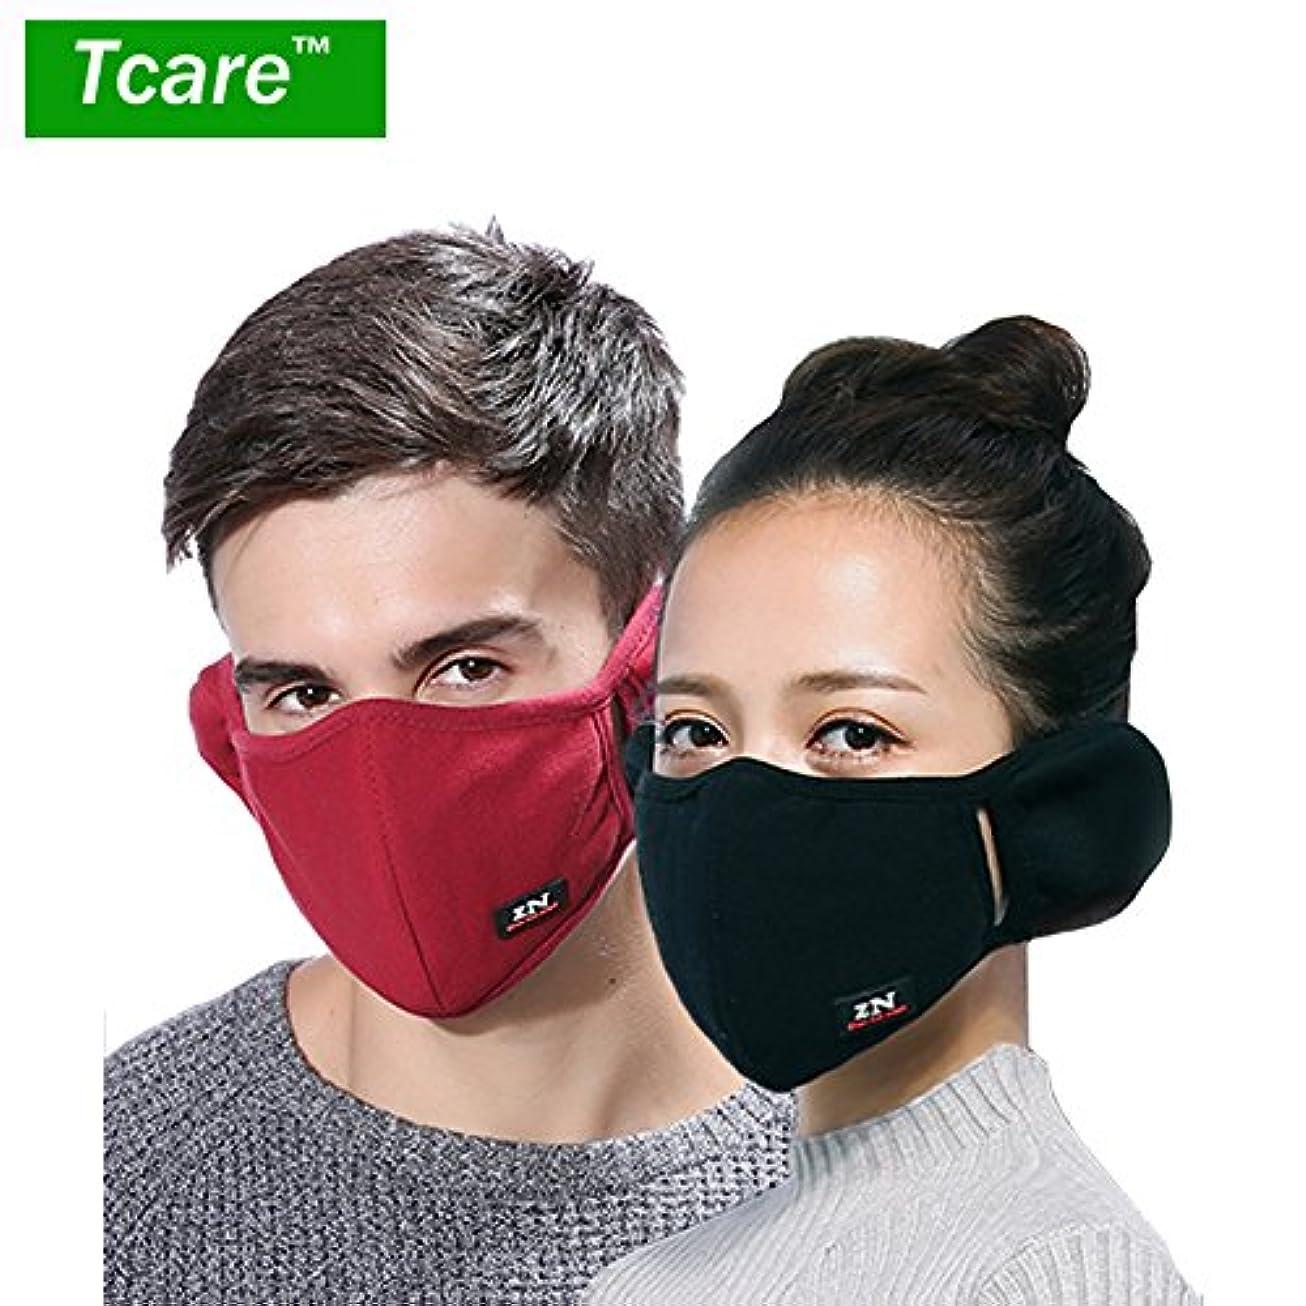 合金つらい差し控える男性女性の少年少女のためのTcare呼吸器2レイヤピュアコットン保護フィルター挿入口:9グレー